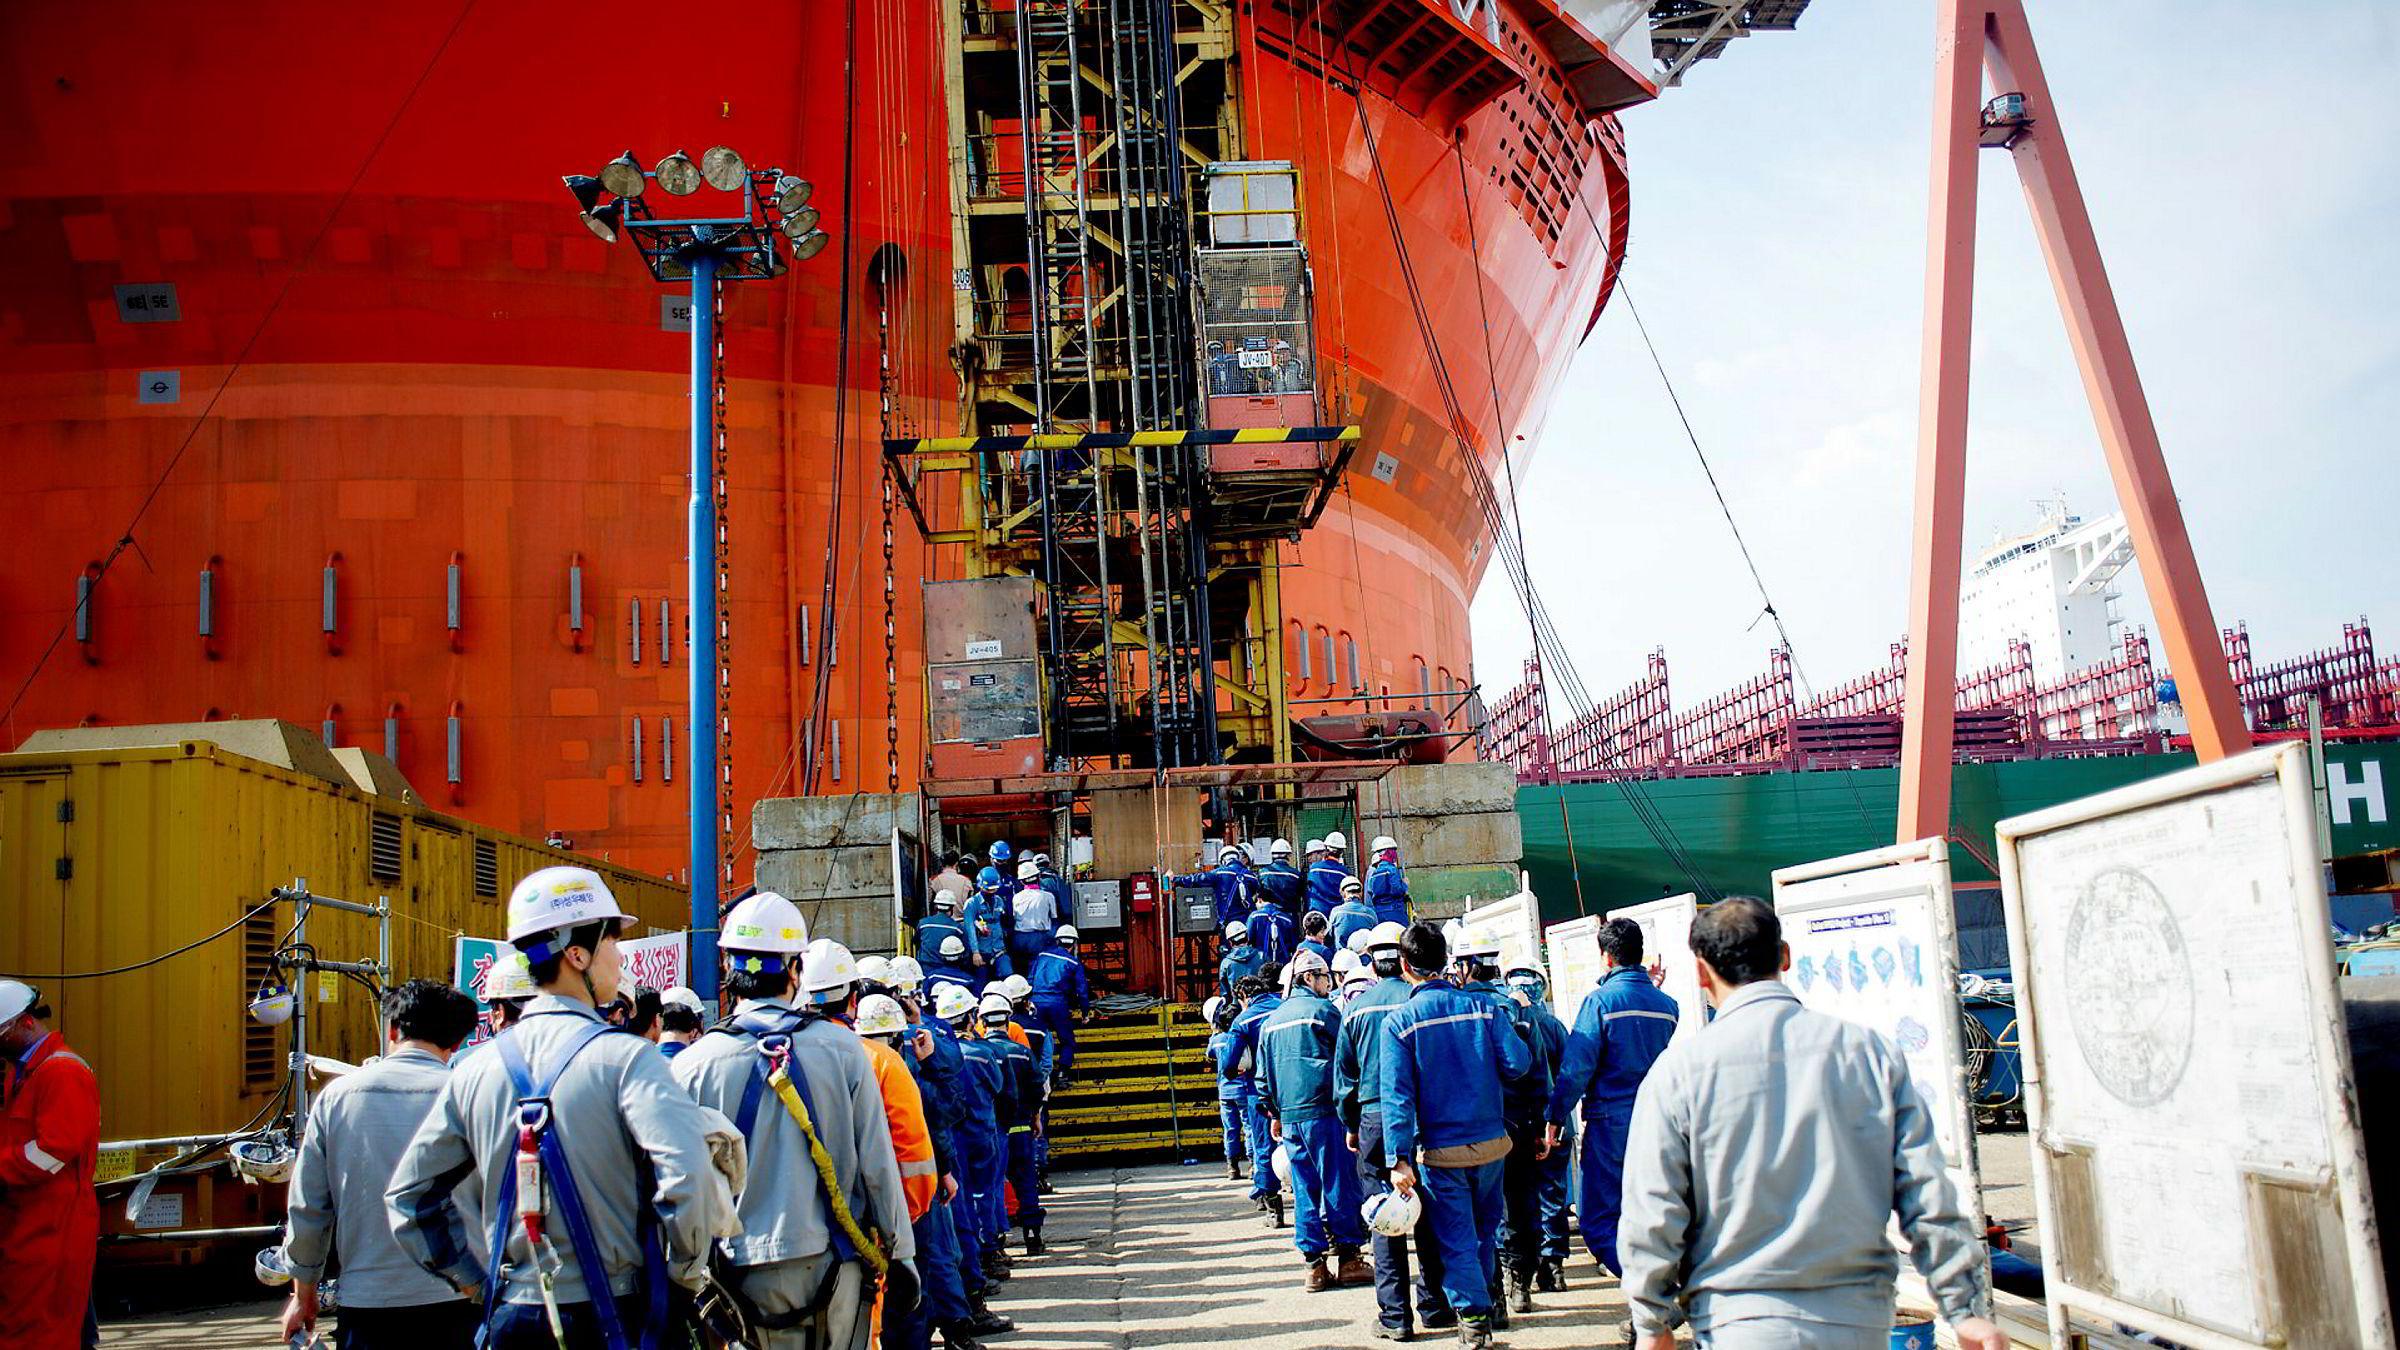 Goliat-flyteren ble bygget på det sørkoreanske verftet Hyundai Heavy Industries. Da DN var på besøk i 2014, jobbet et par tusen arbeidere på overtid med å få problemprosjektet ferdig. Plattformen har slitt tungt med regulariteten etter at den kom på plass på feltet.